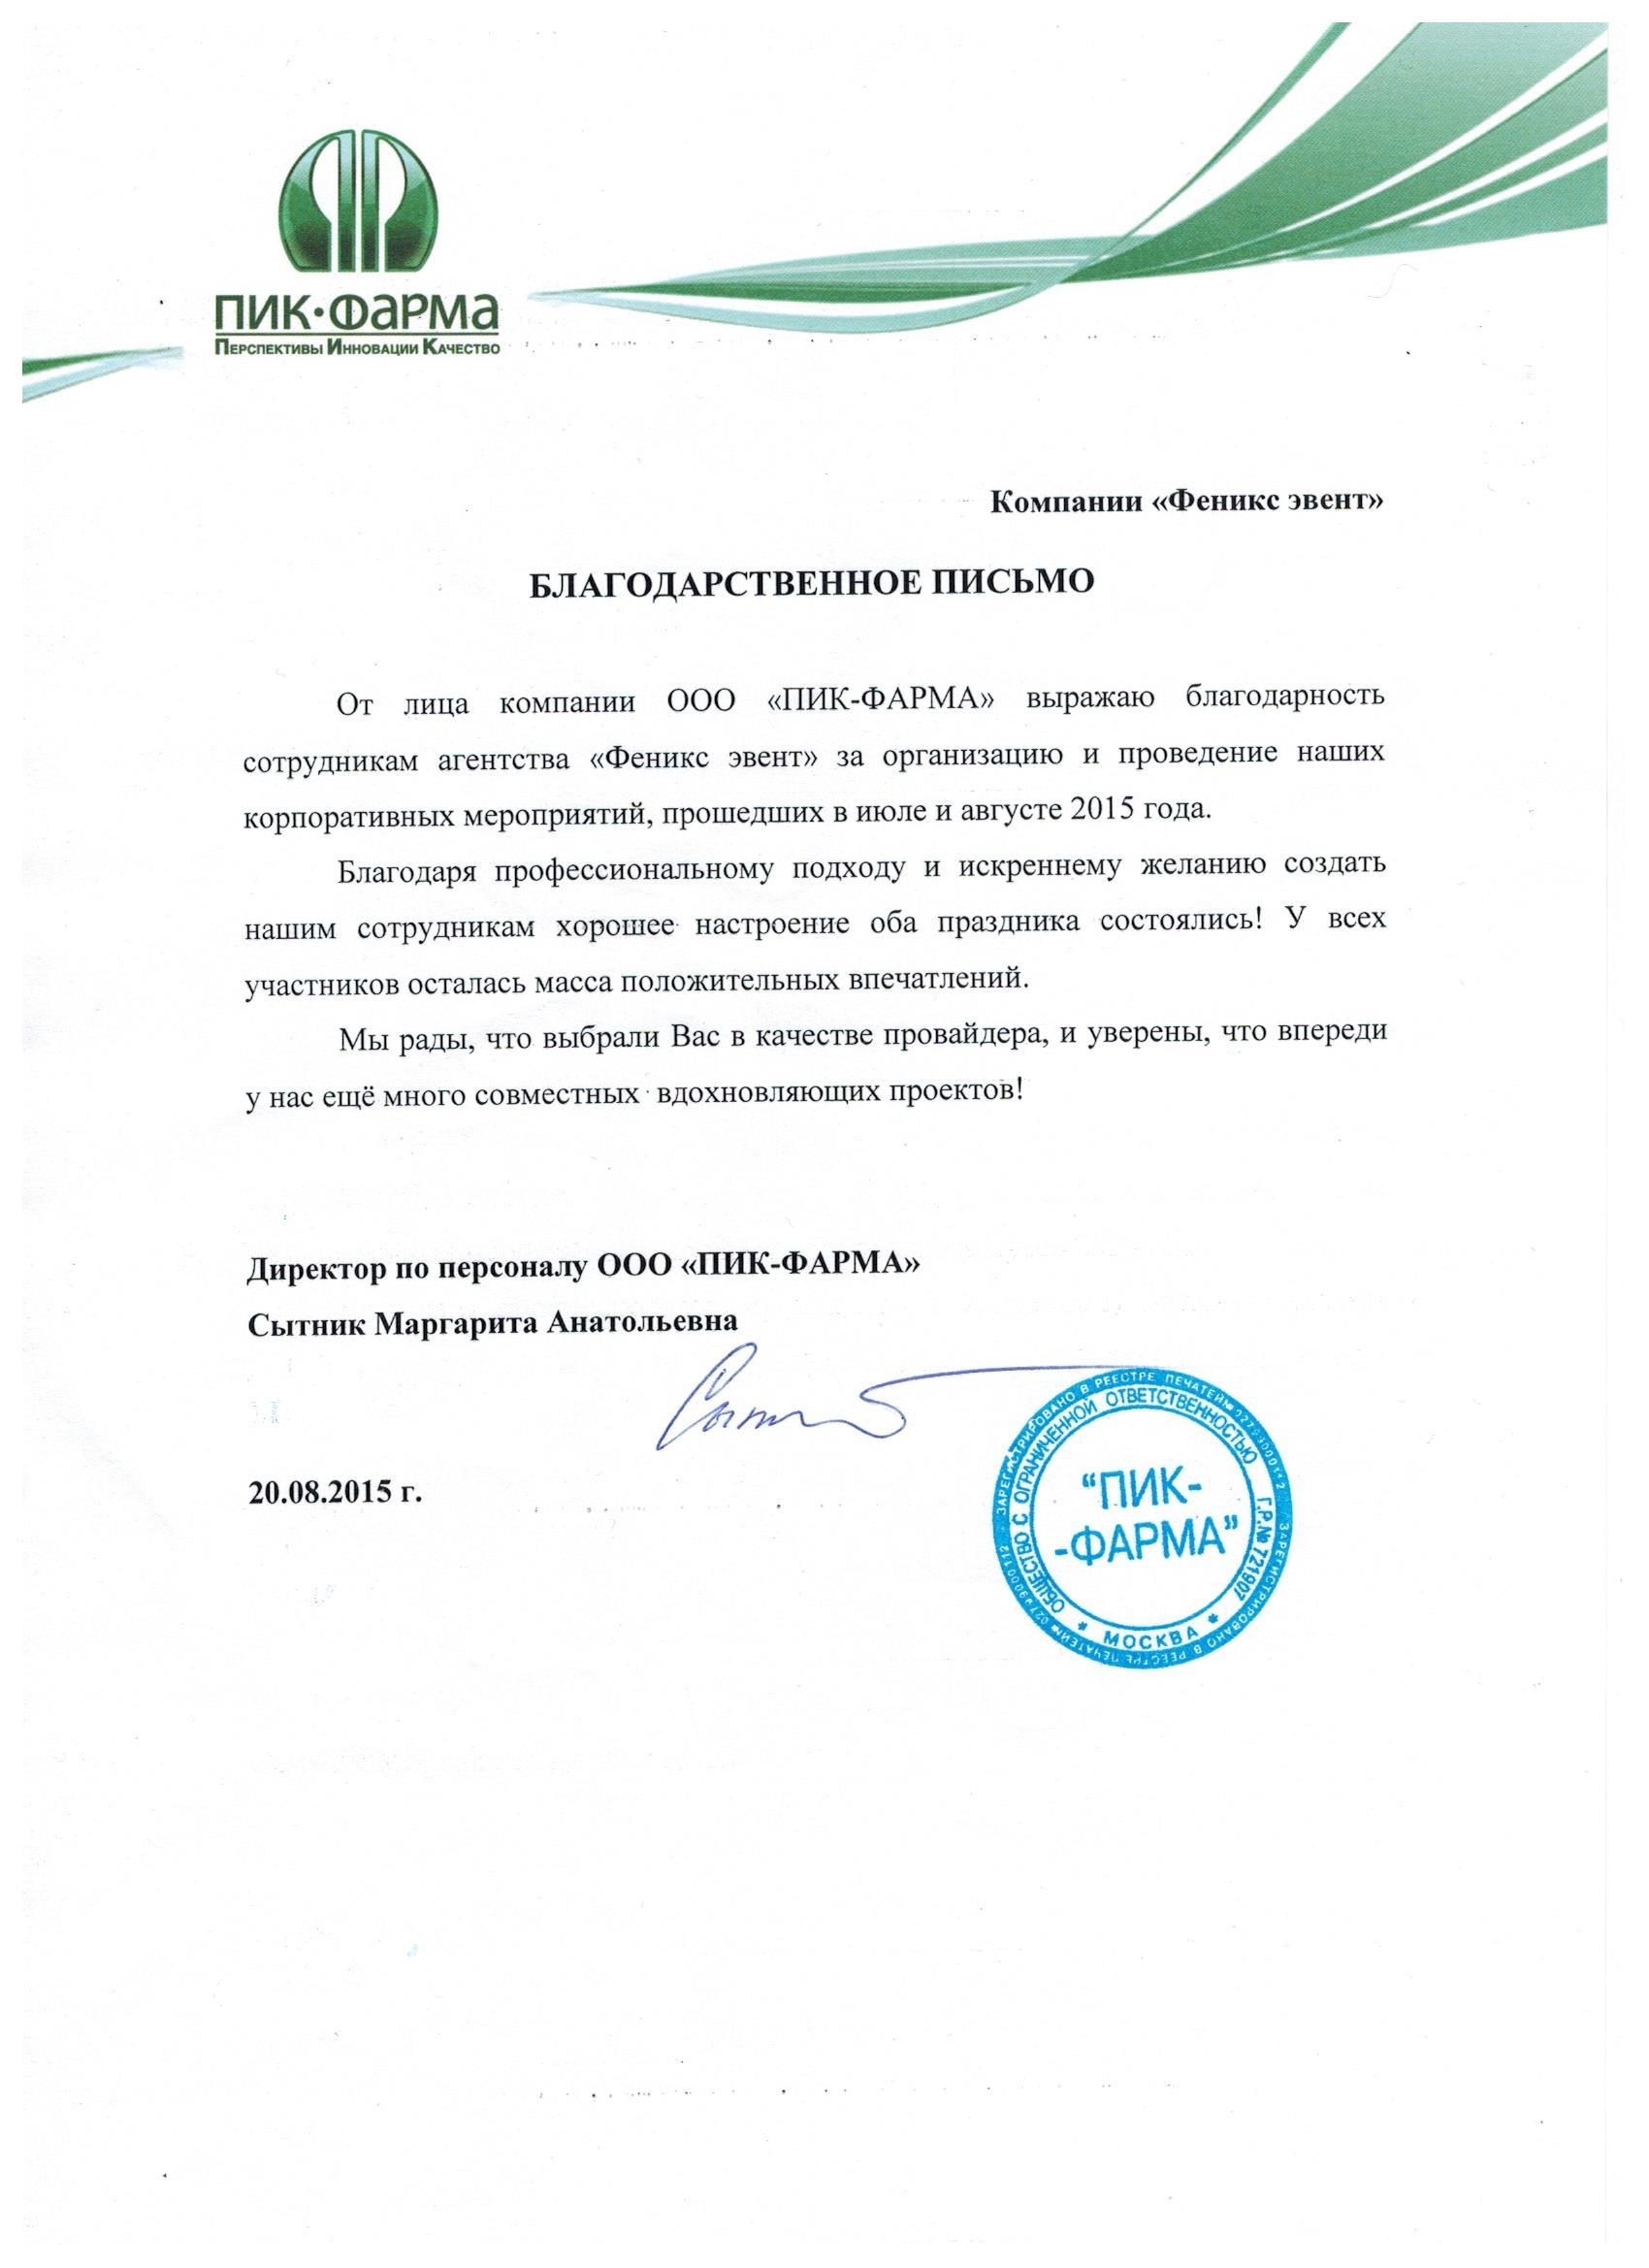 Отзыв о проведении корпоративов компании ПИК-ФАРМА